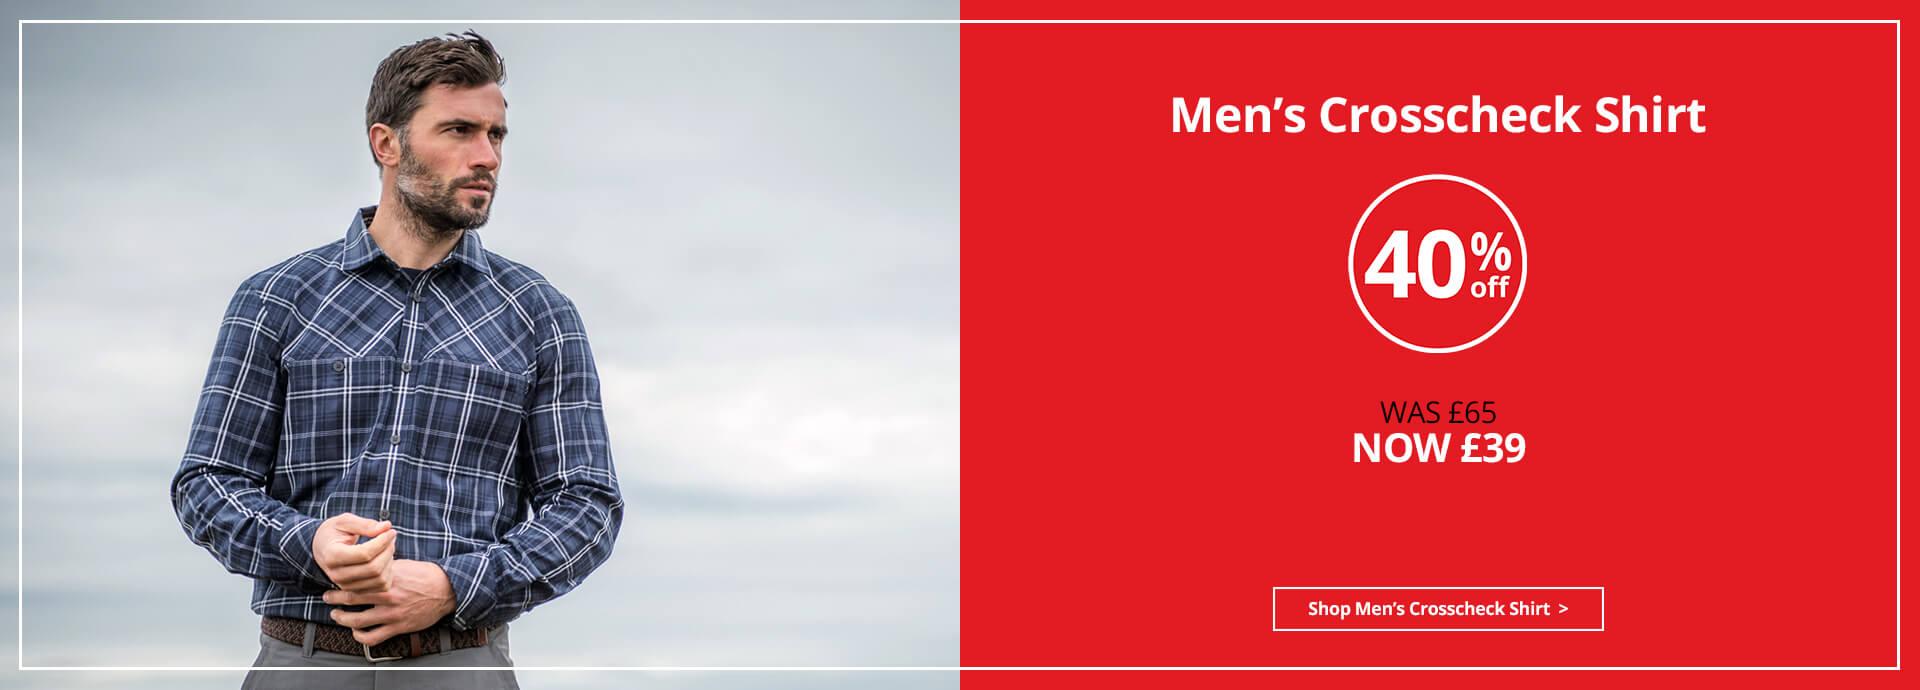 Men's Crosscheck Shirt